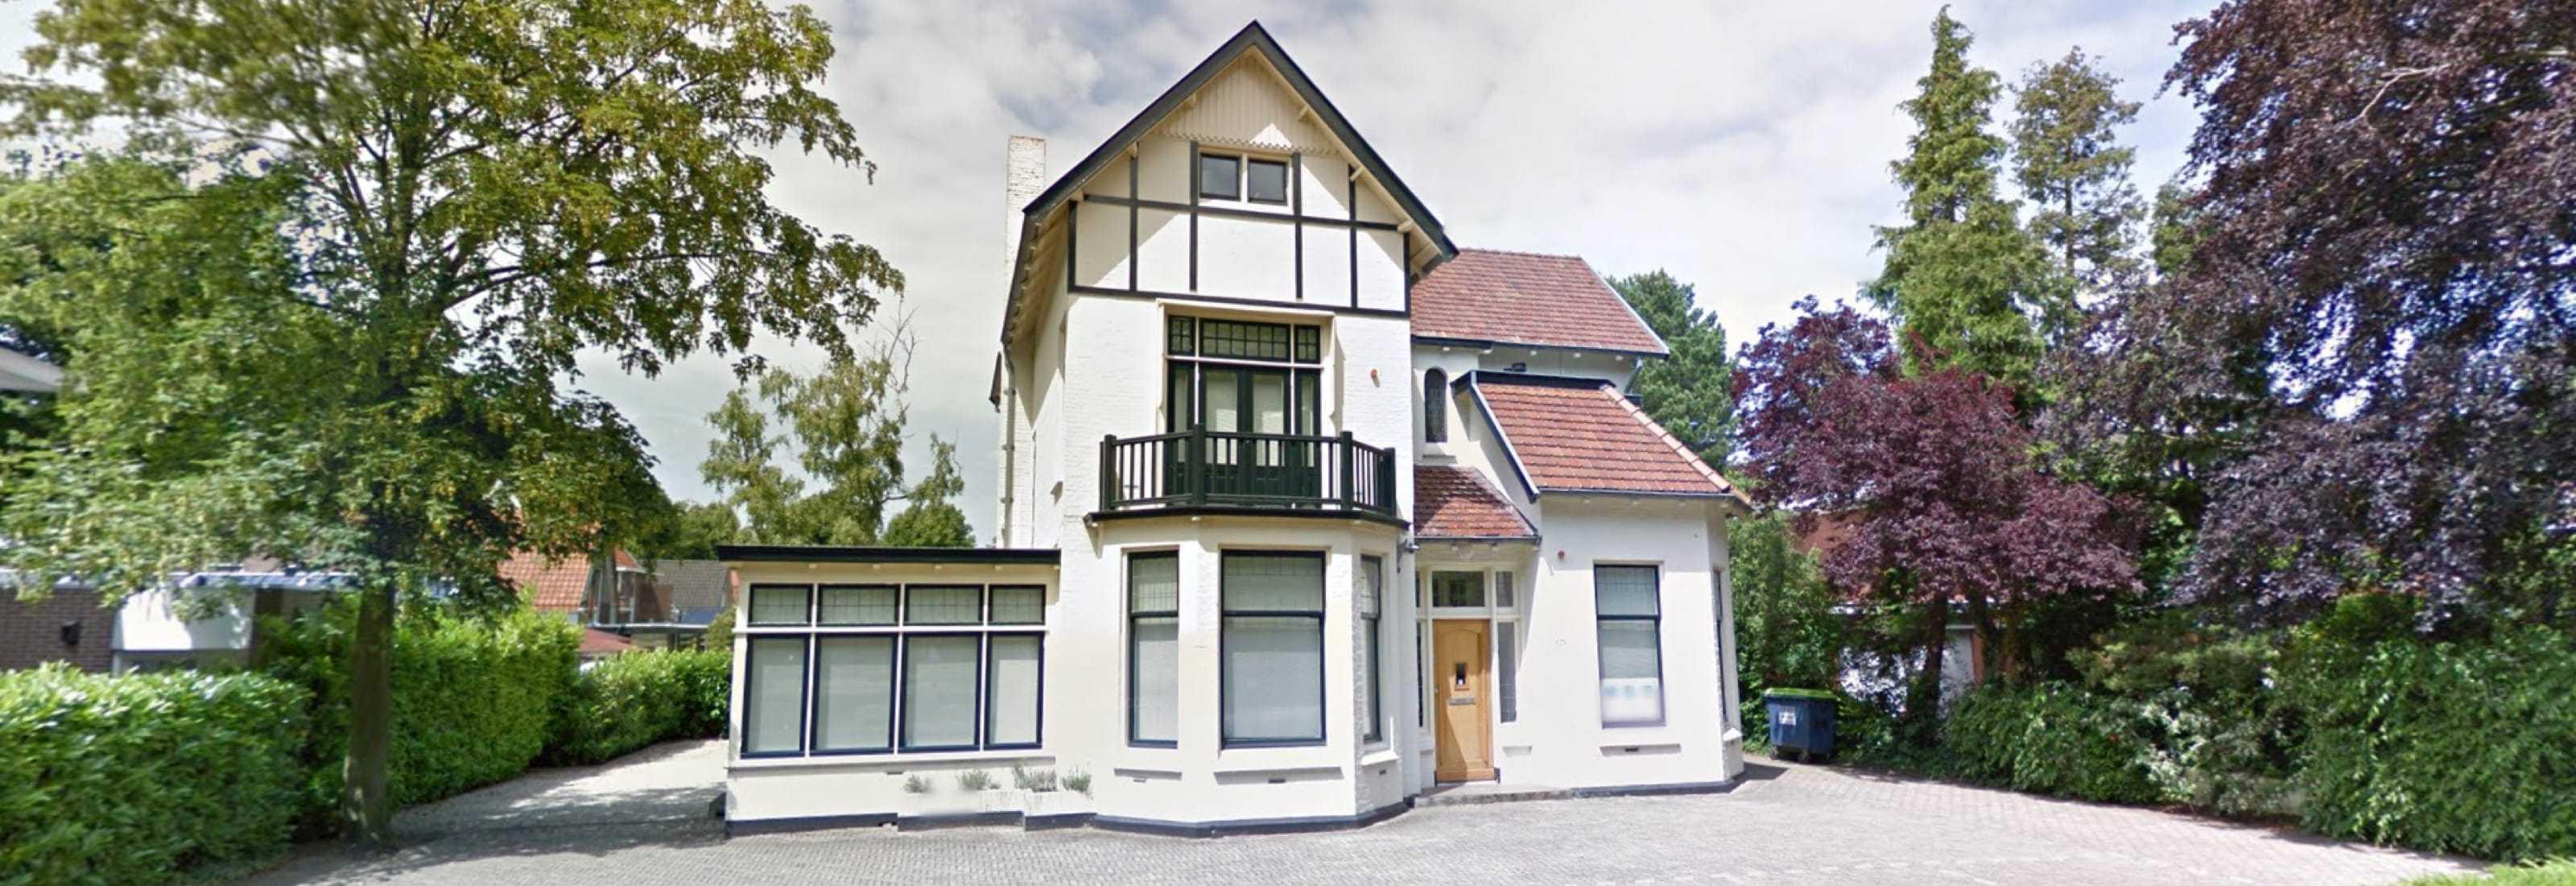 Alsberg Accountants & Adviseurs B.V. - Accountantskantoor in Hoofddorp